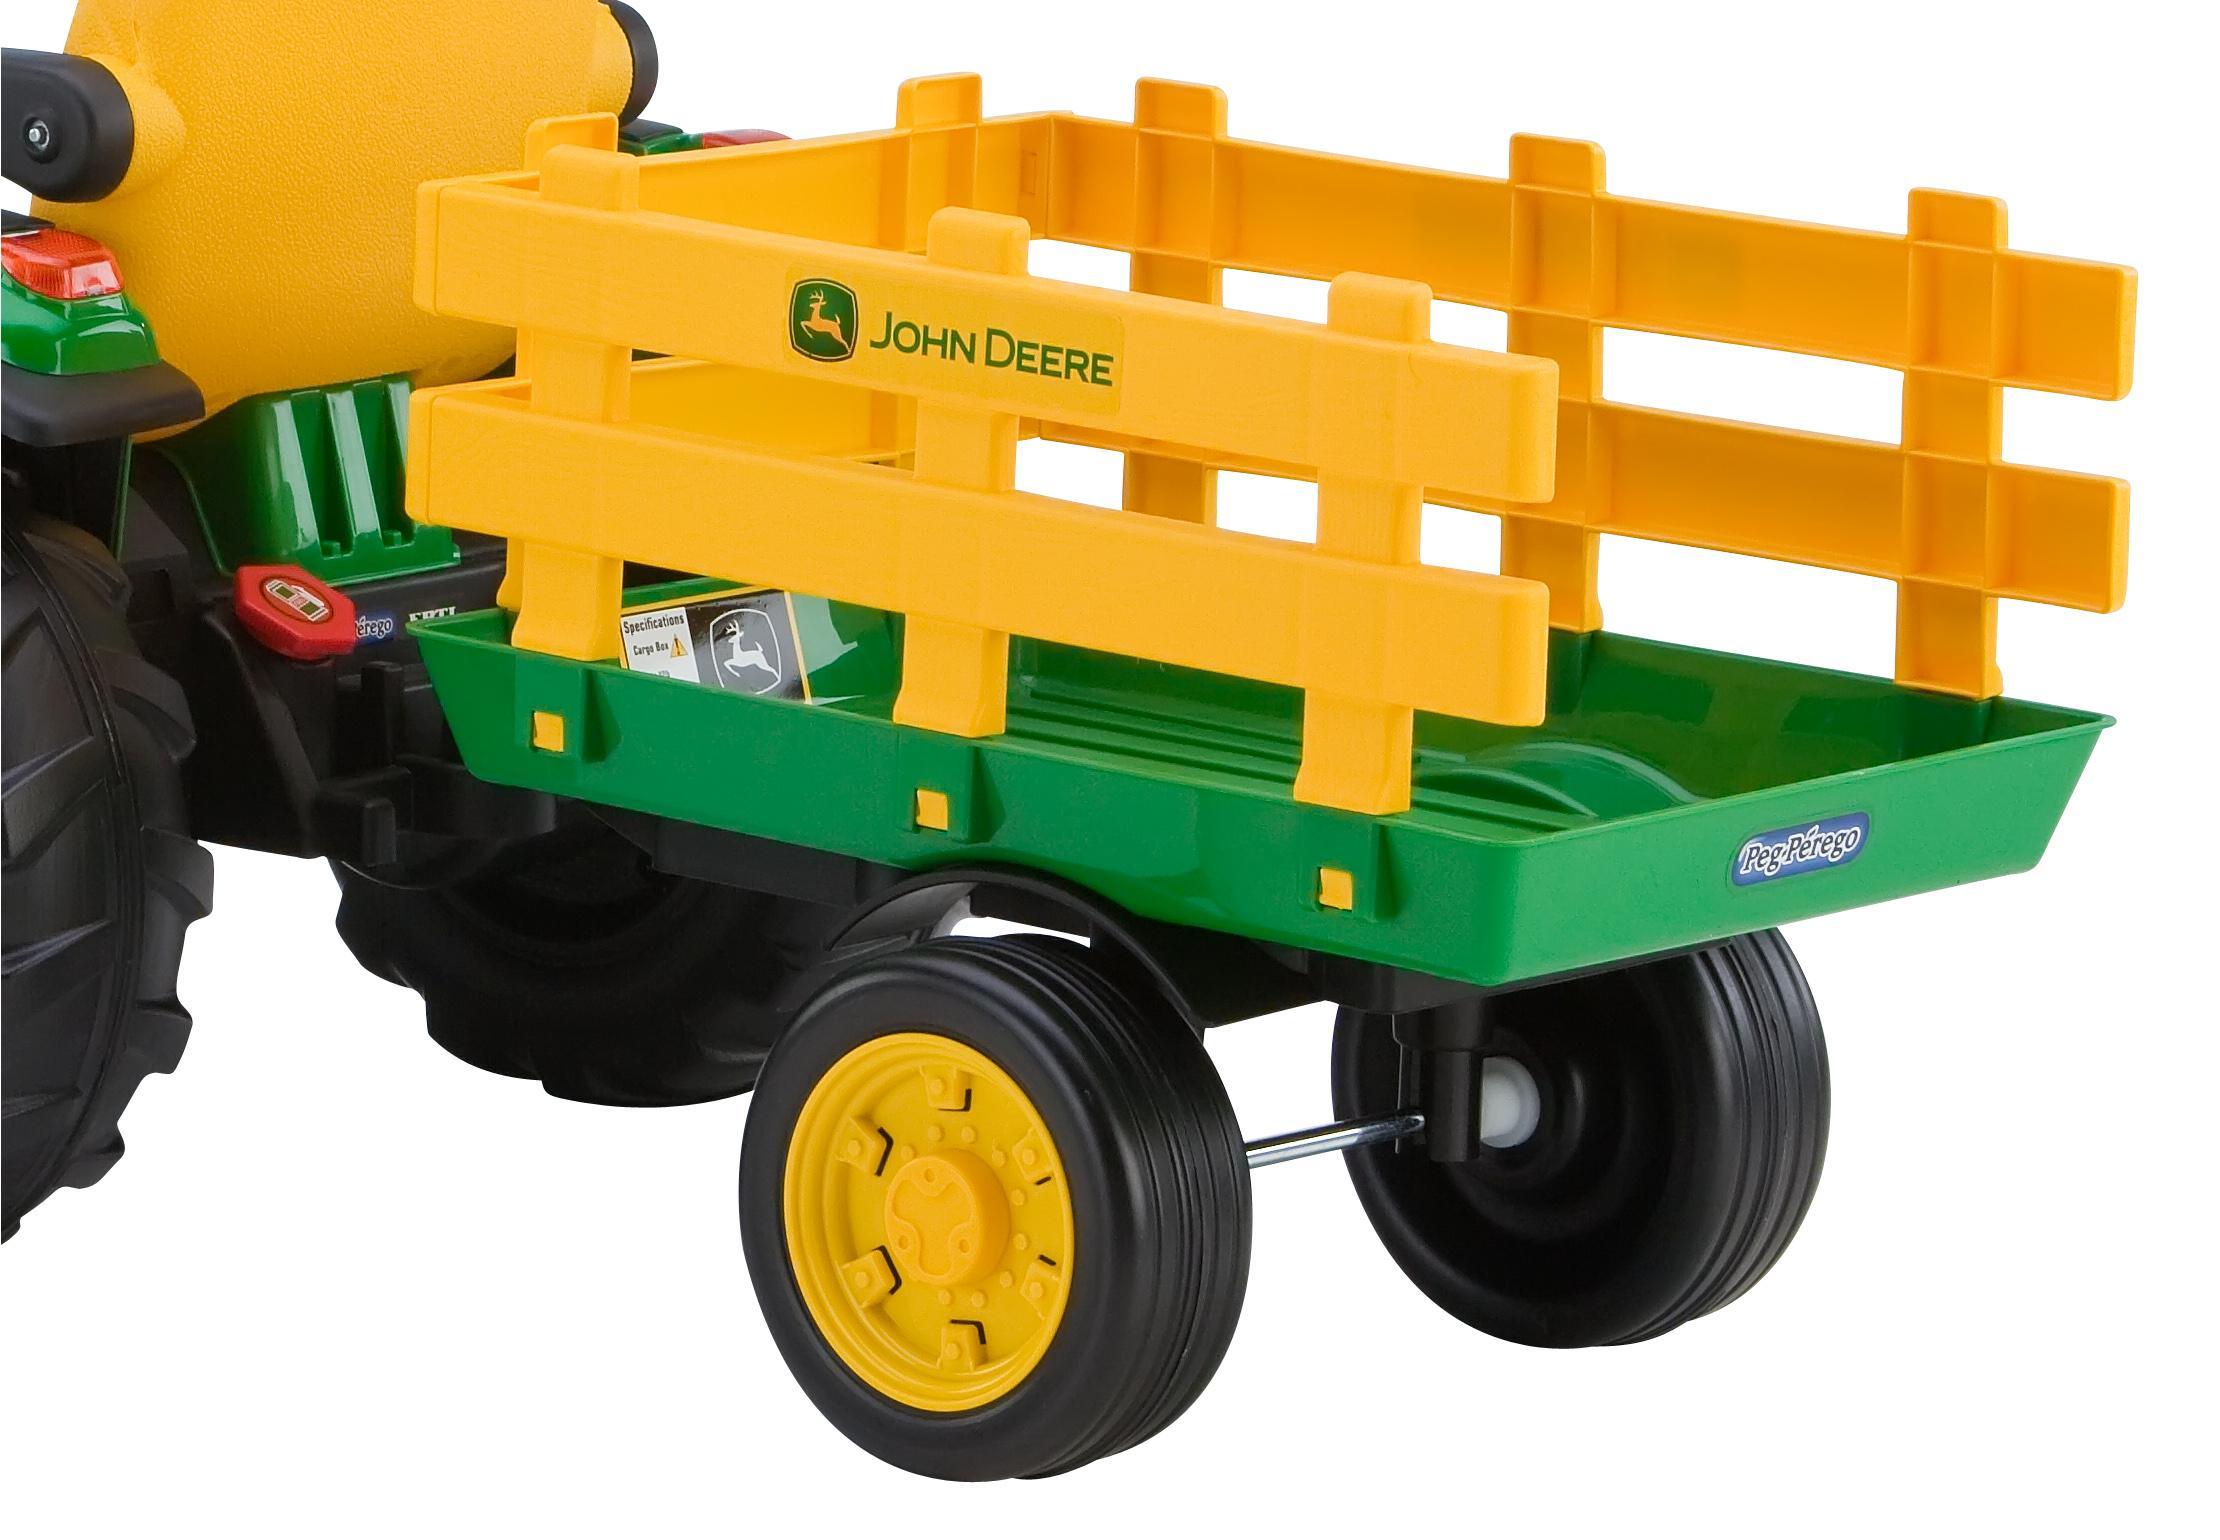 peg perego john deere ground force tractor. Black Bedroom Furniture Sets. Home Design Ideas